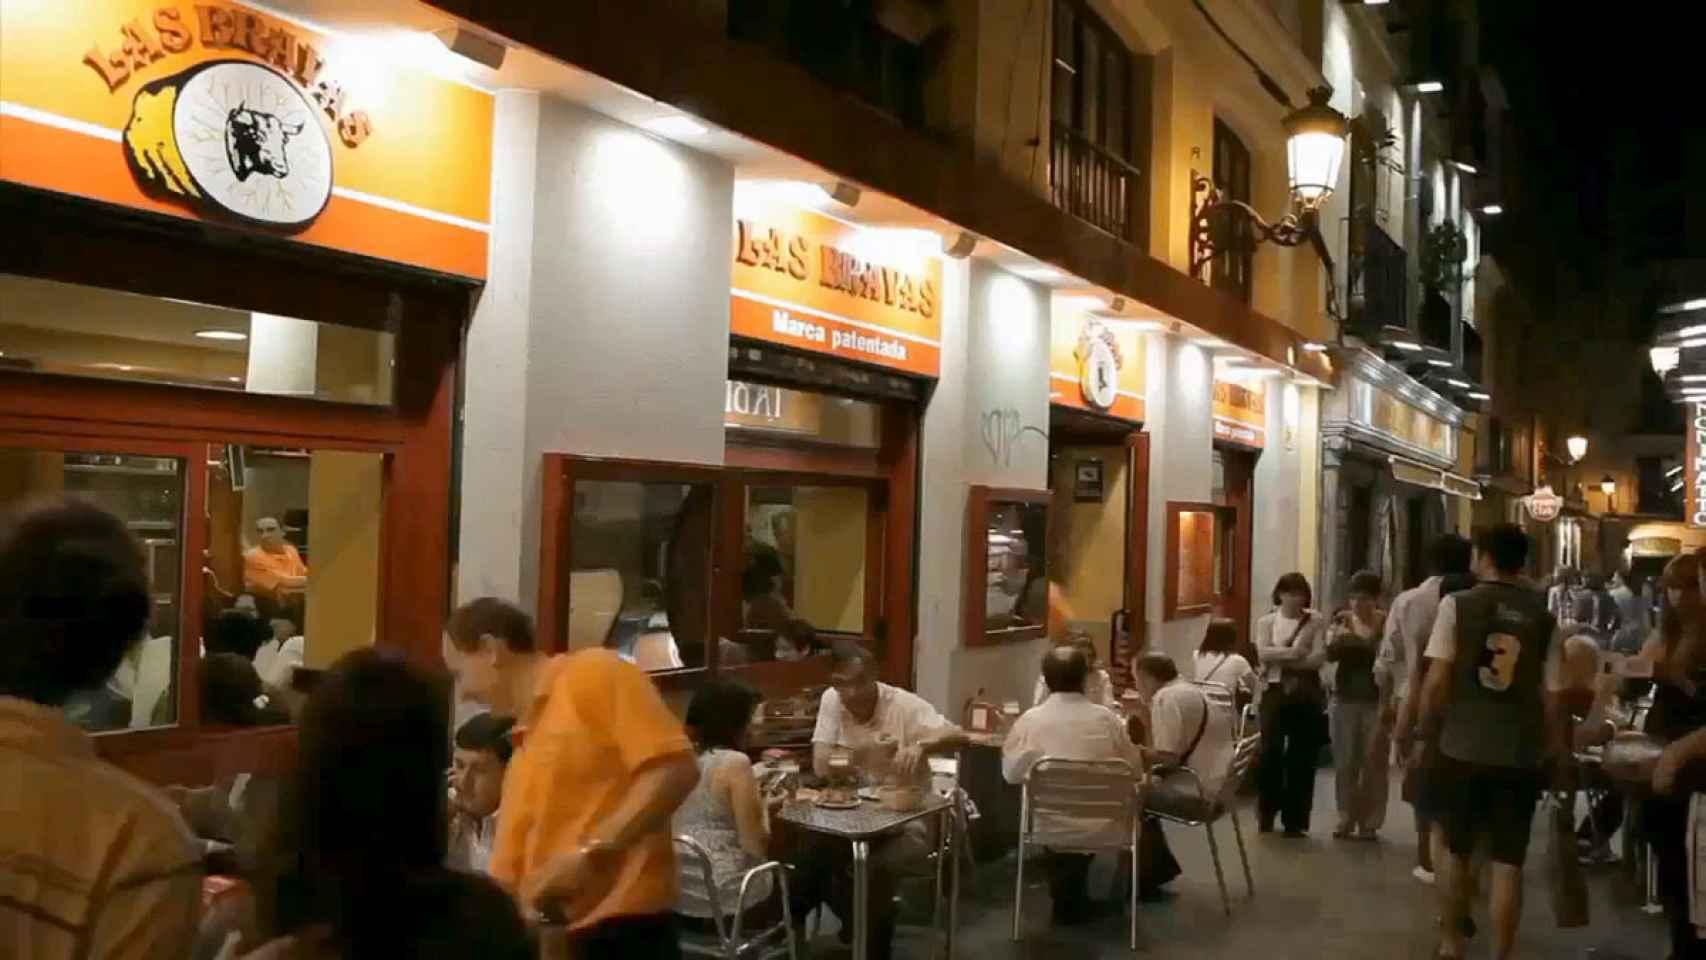 El local Las bravas, en el Callejón del Gato.